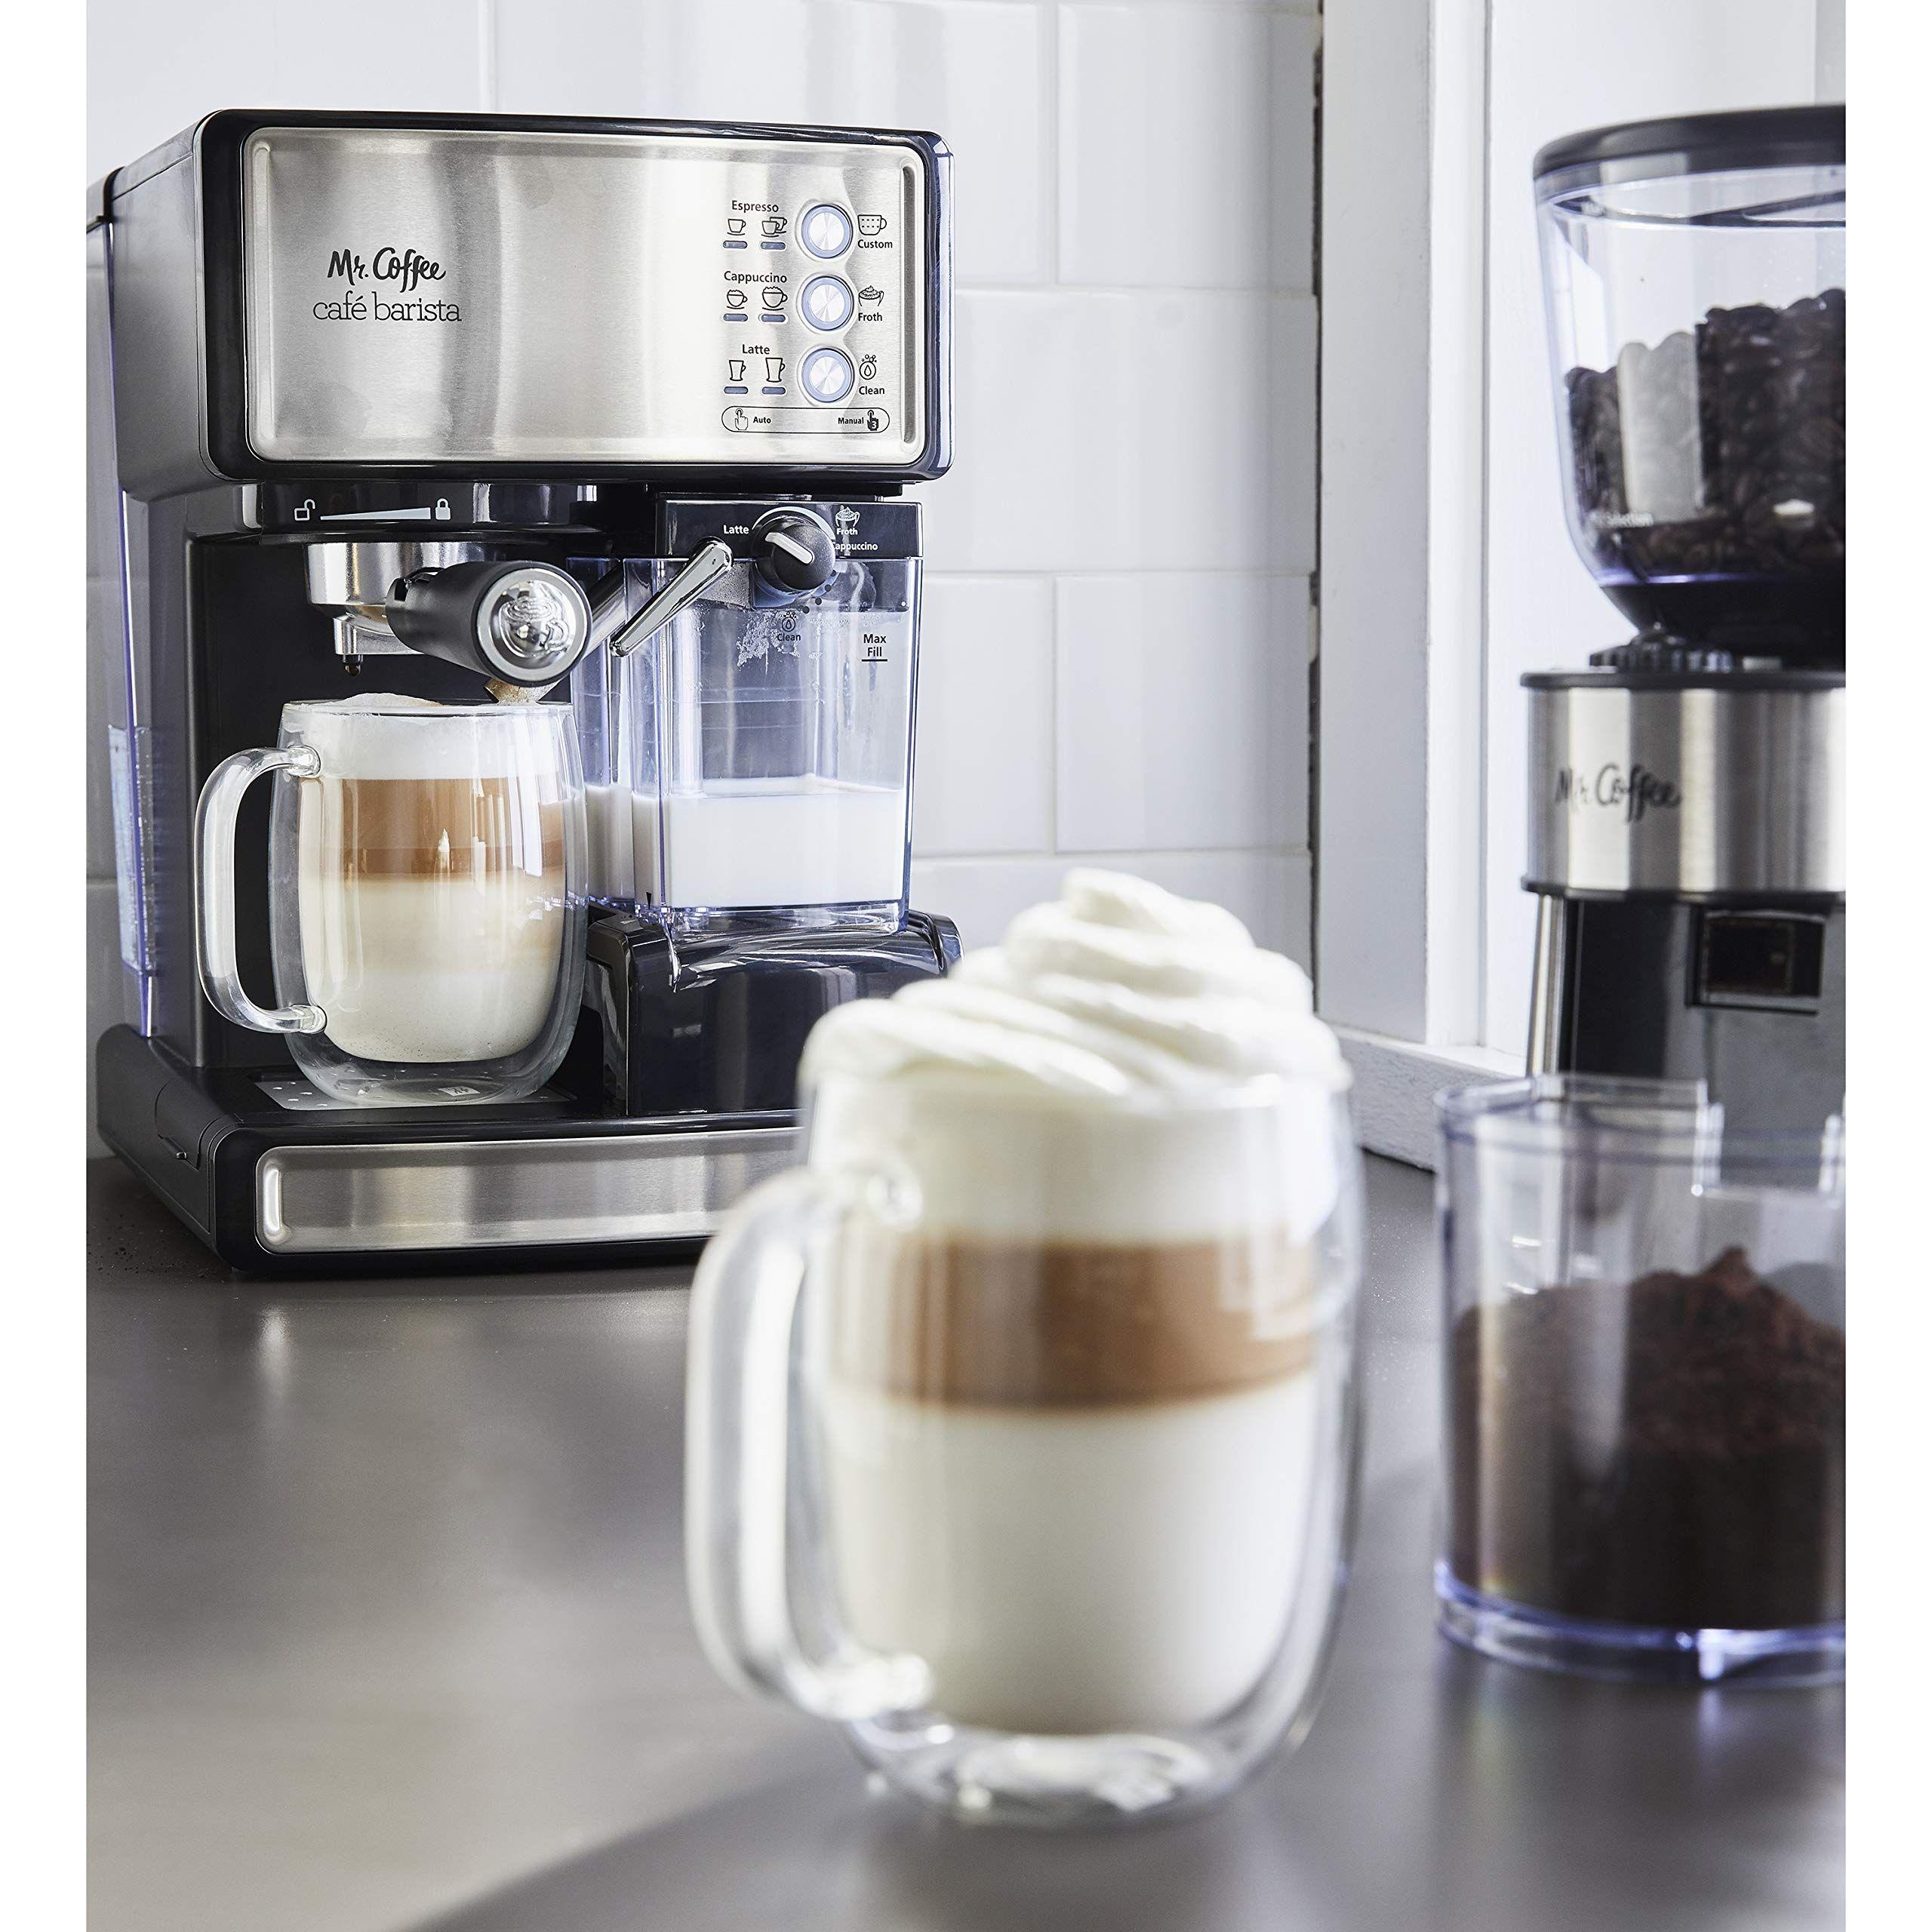 Mr. Coffee Cafe Barista Espresso and Cappuccino Maker ...